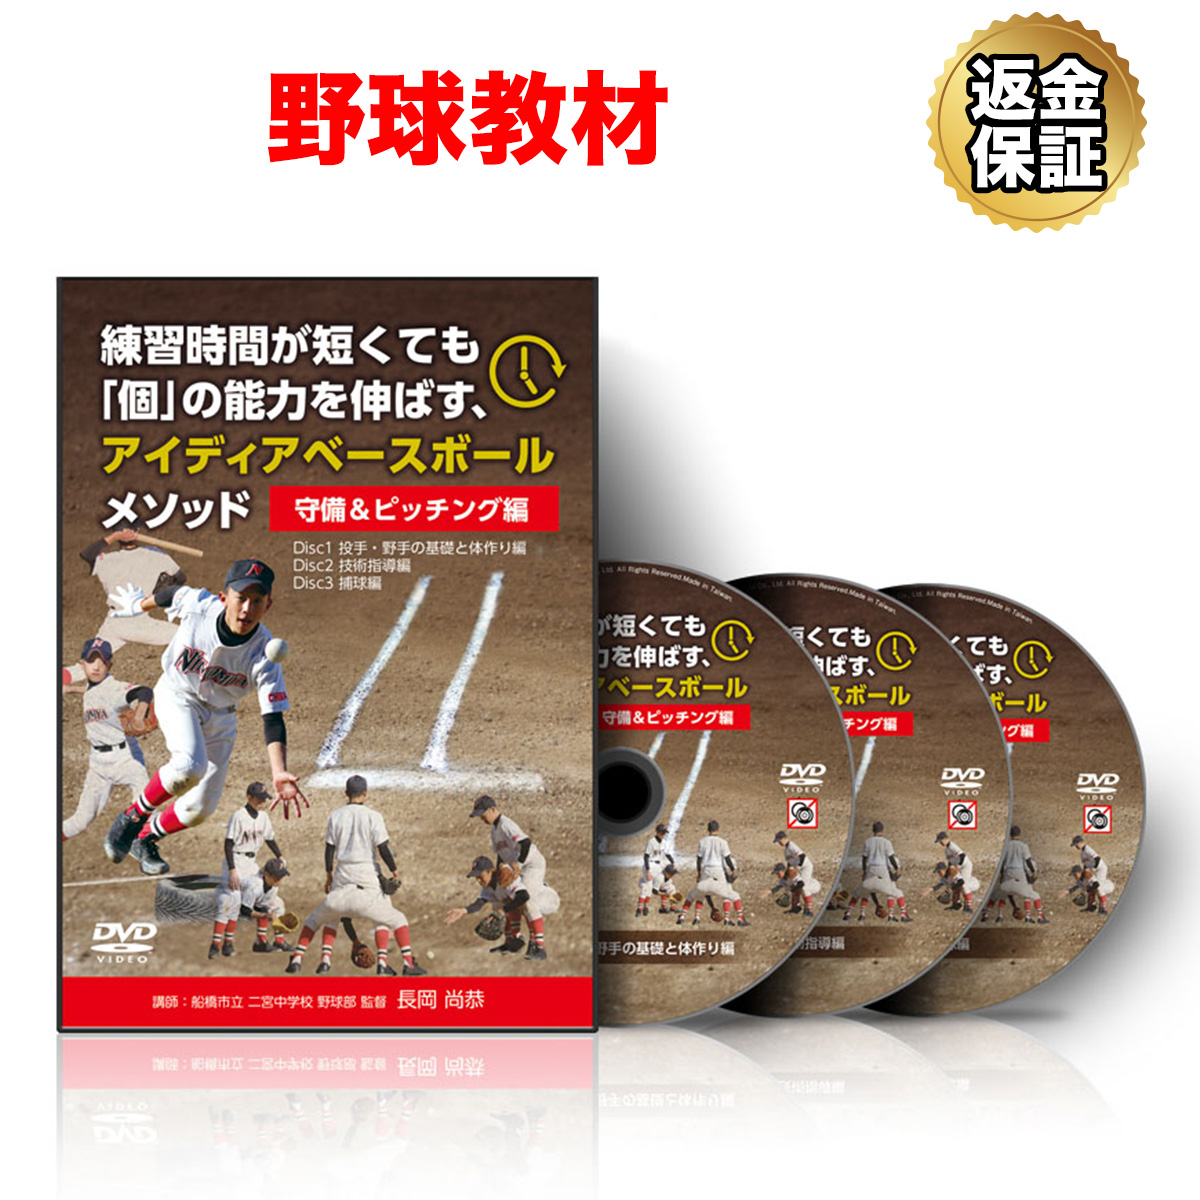 【野球】練習時間が短くても「個」の能力を伸ばす、アイディアベースボールメソッド~守備&ピッチング編~